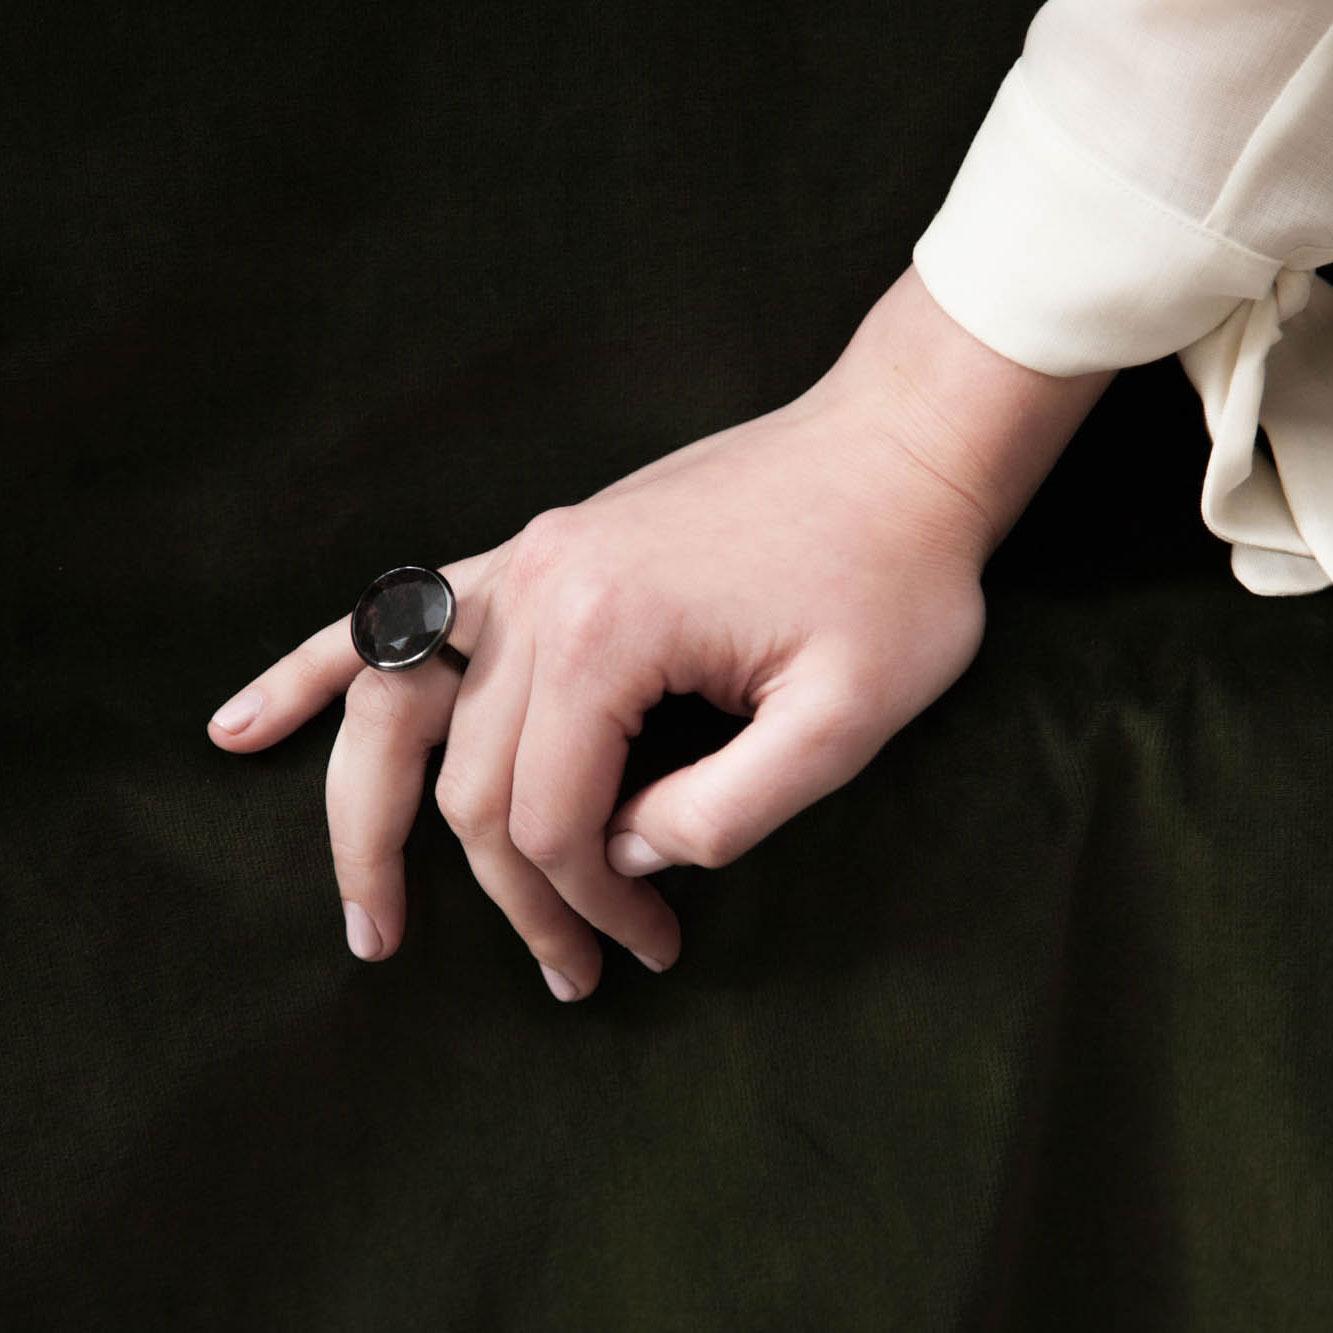 Sagenitic quartz satellite ring hand model